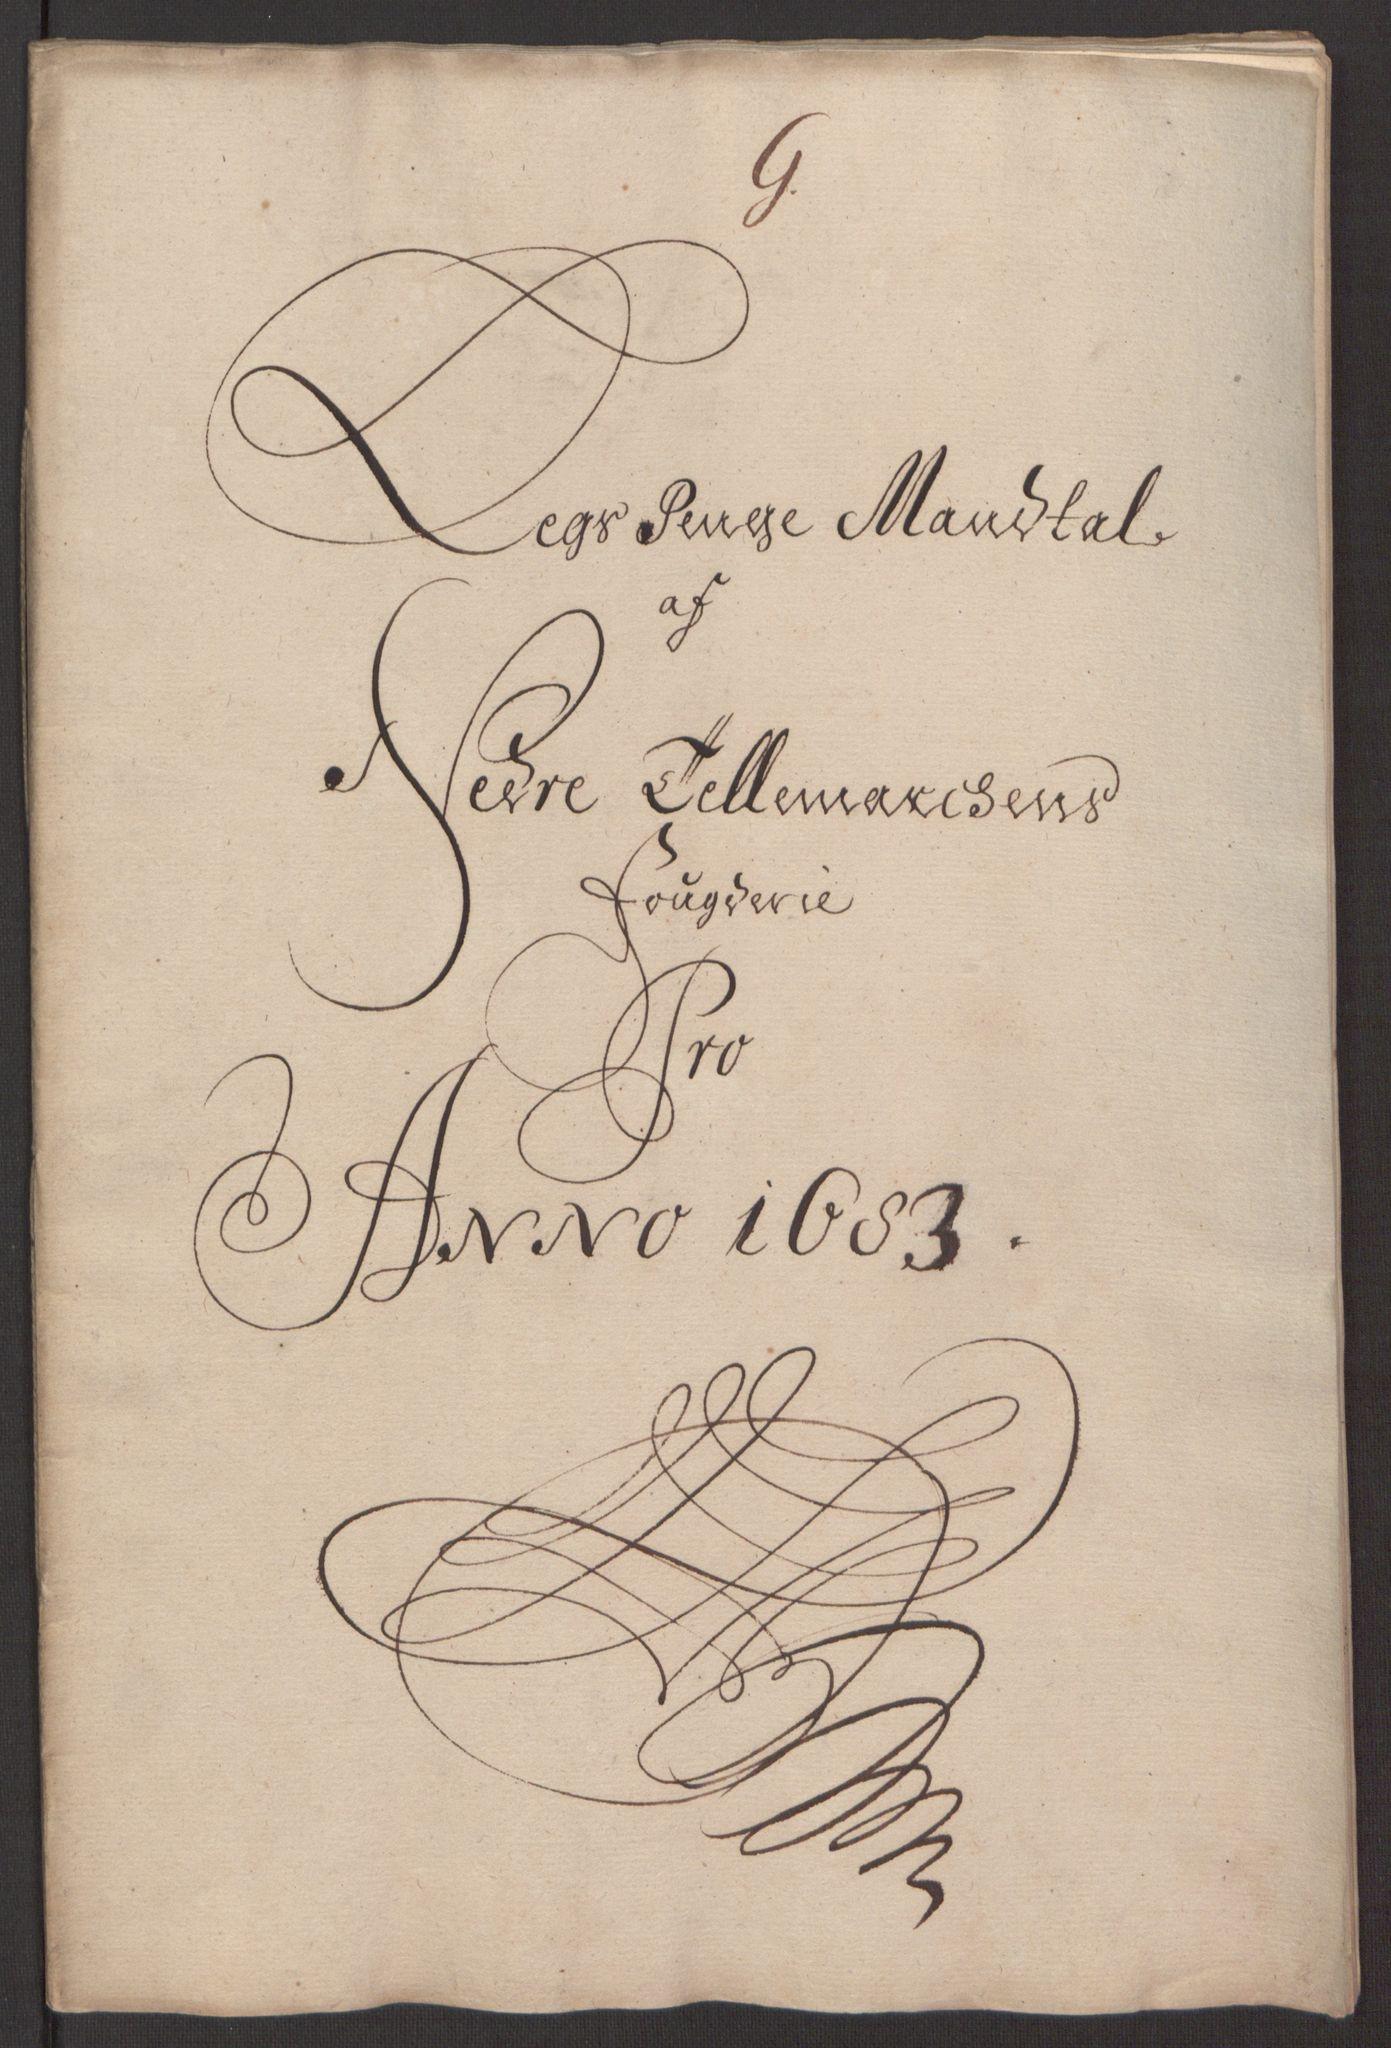 RA, Rentekammeret inntil 1814, Reviderte regnskaper, Fogderegnskap, R35/L2080: Fogderegnskap Øvre og Nedre Telemark, 1680-1684, s. 106